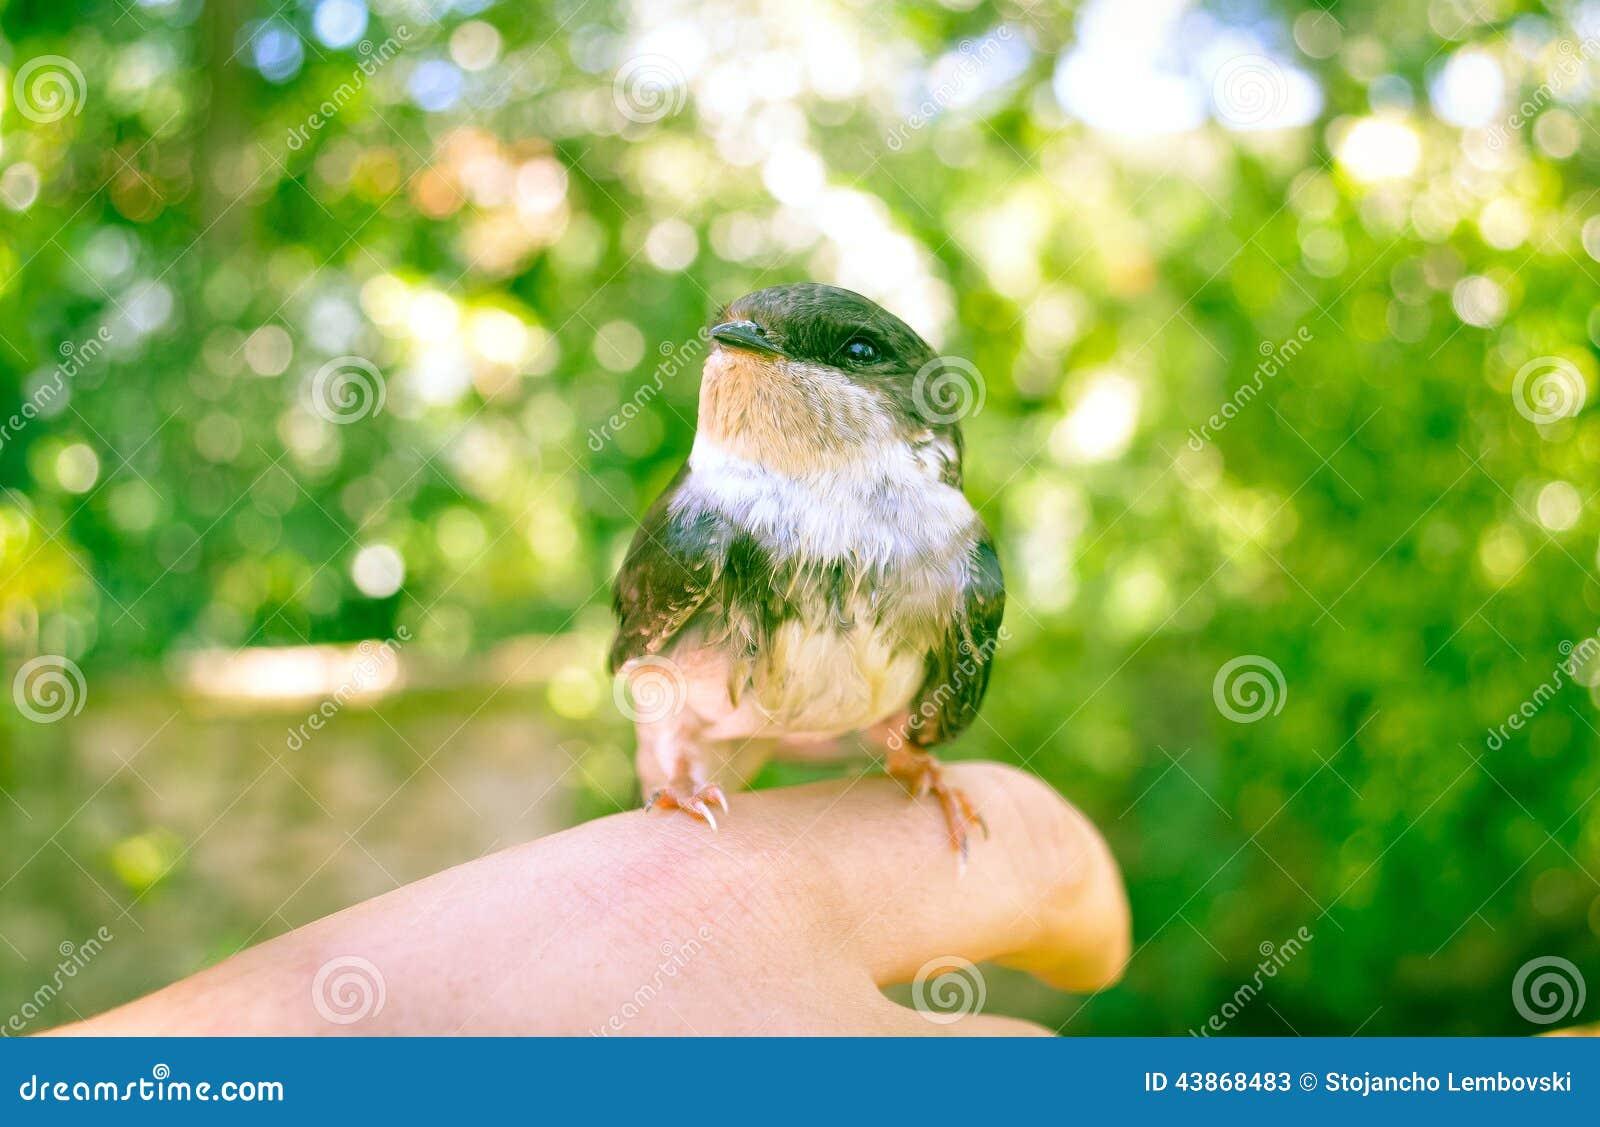 Pássaro na mão